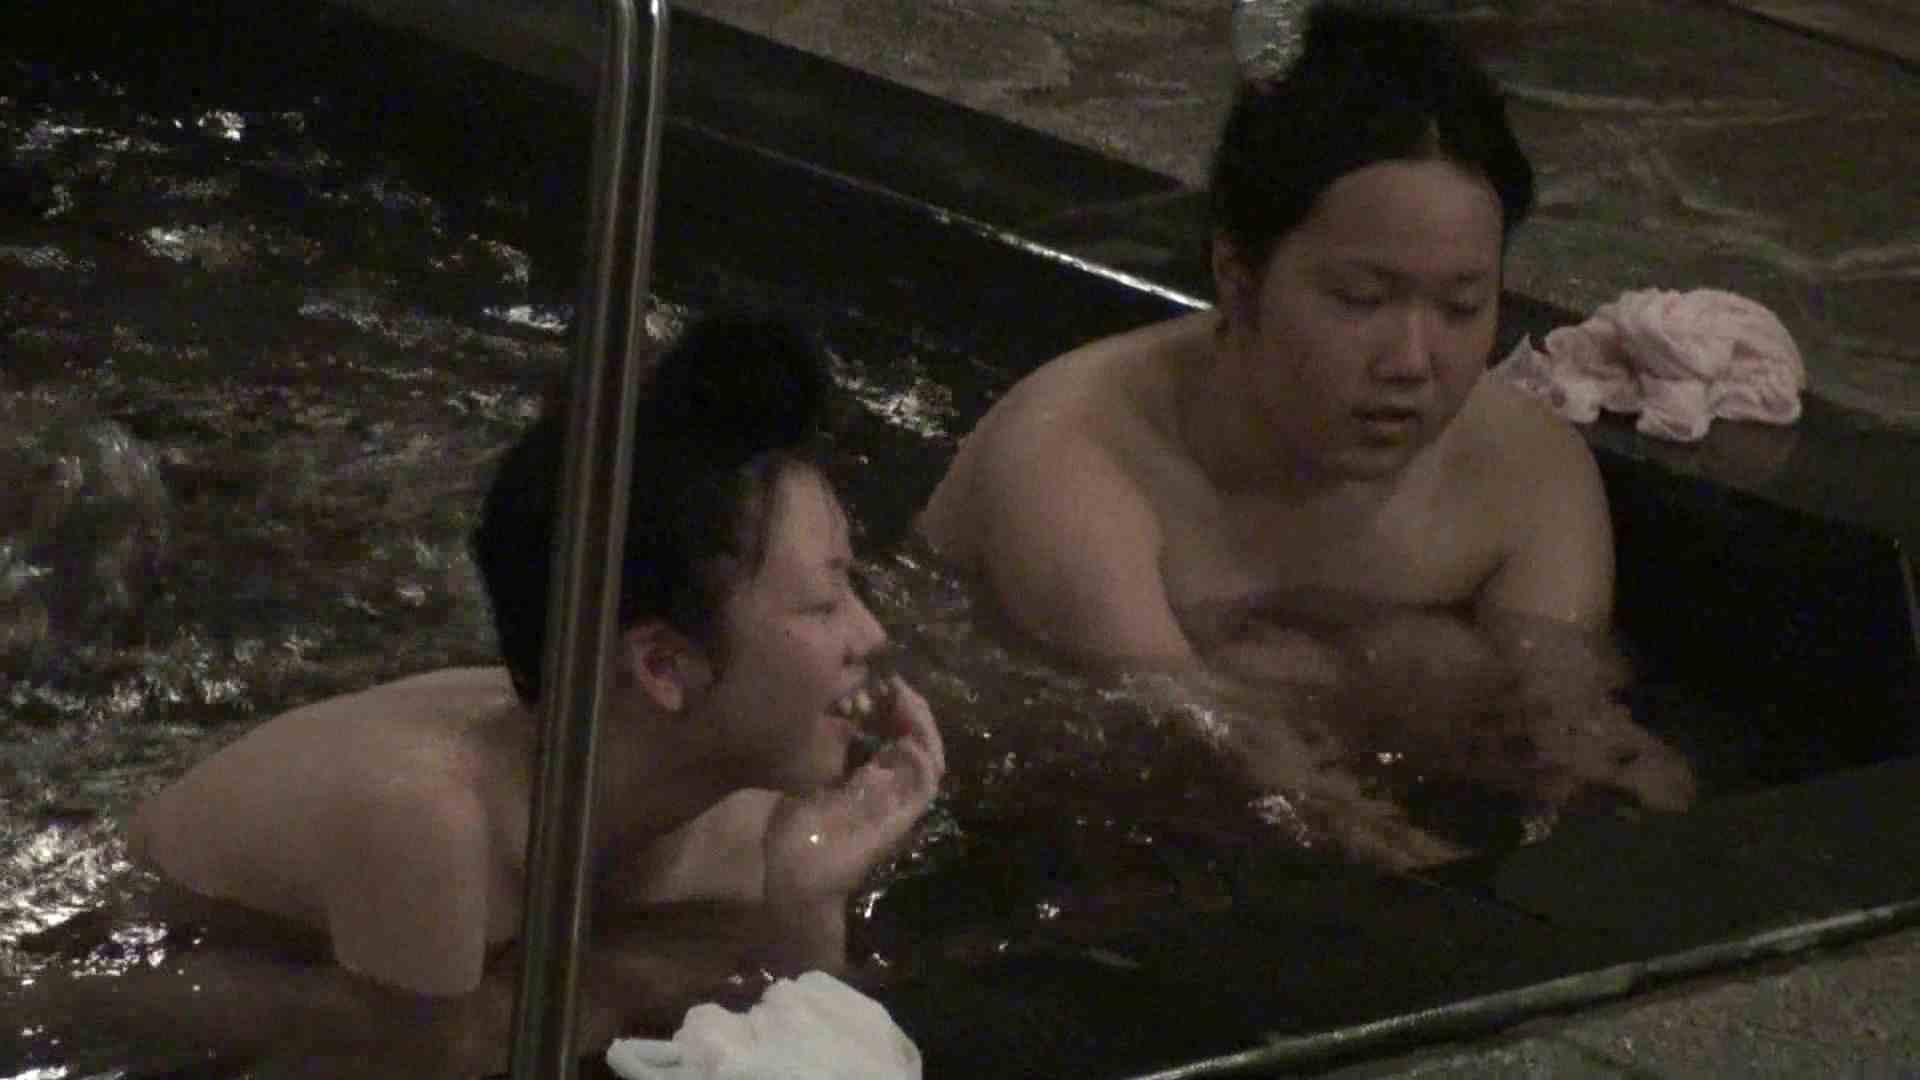 Aquaな露天風呂Vol.382 OLエロ画像  78PICs 75